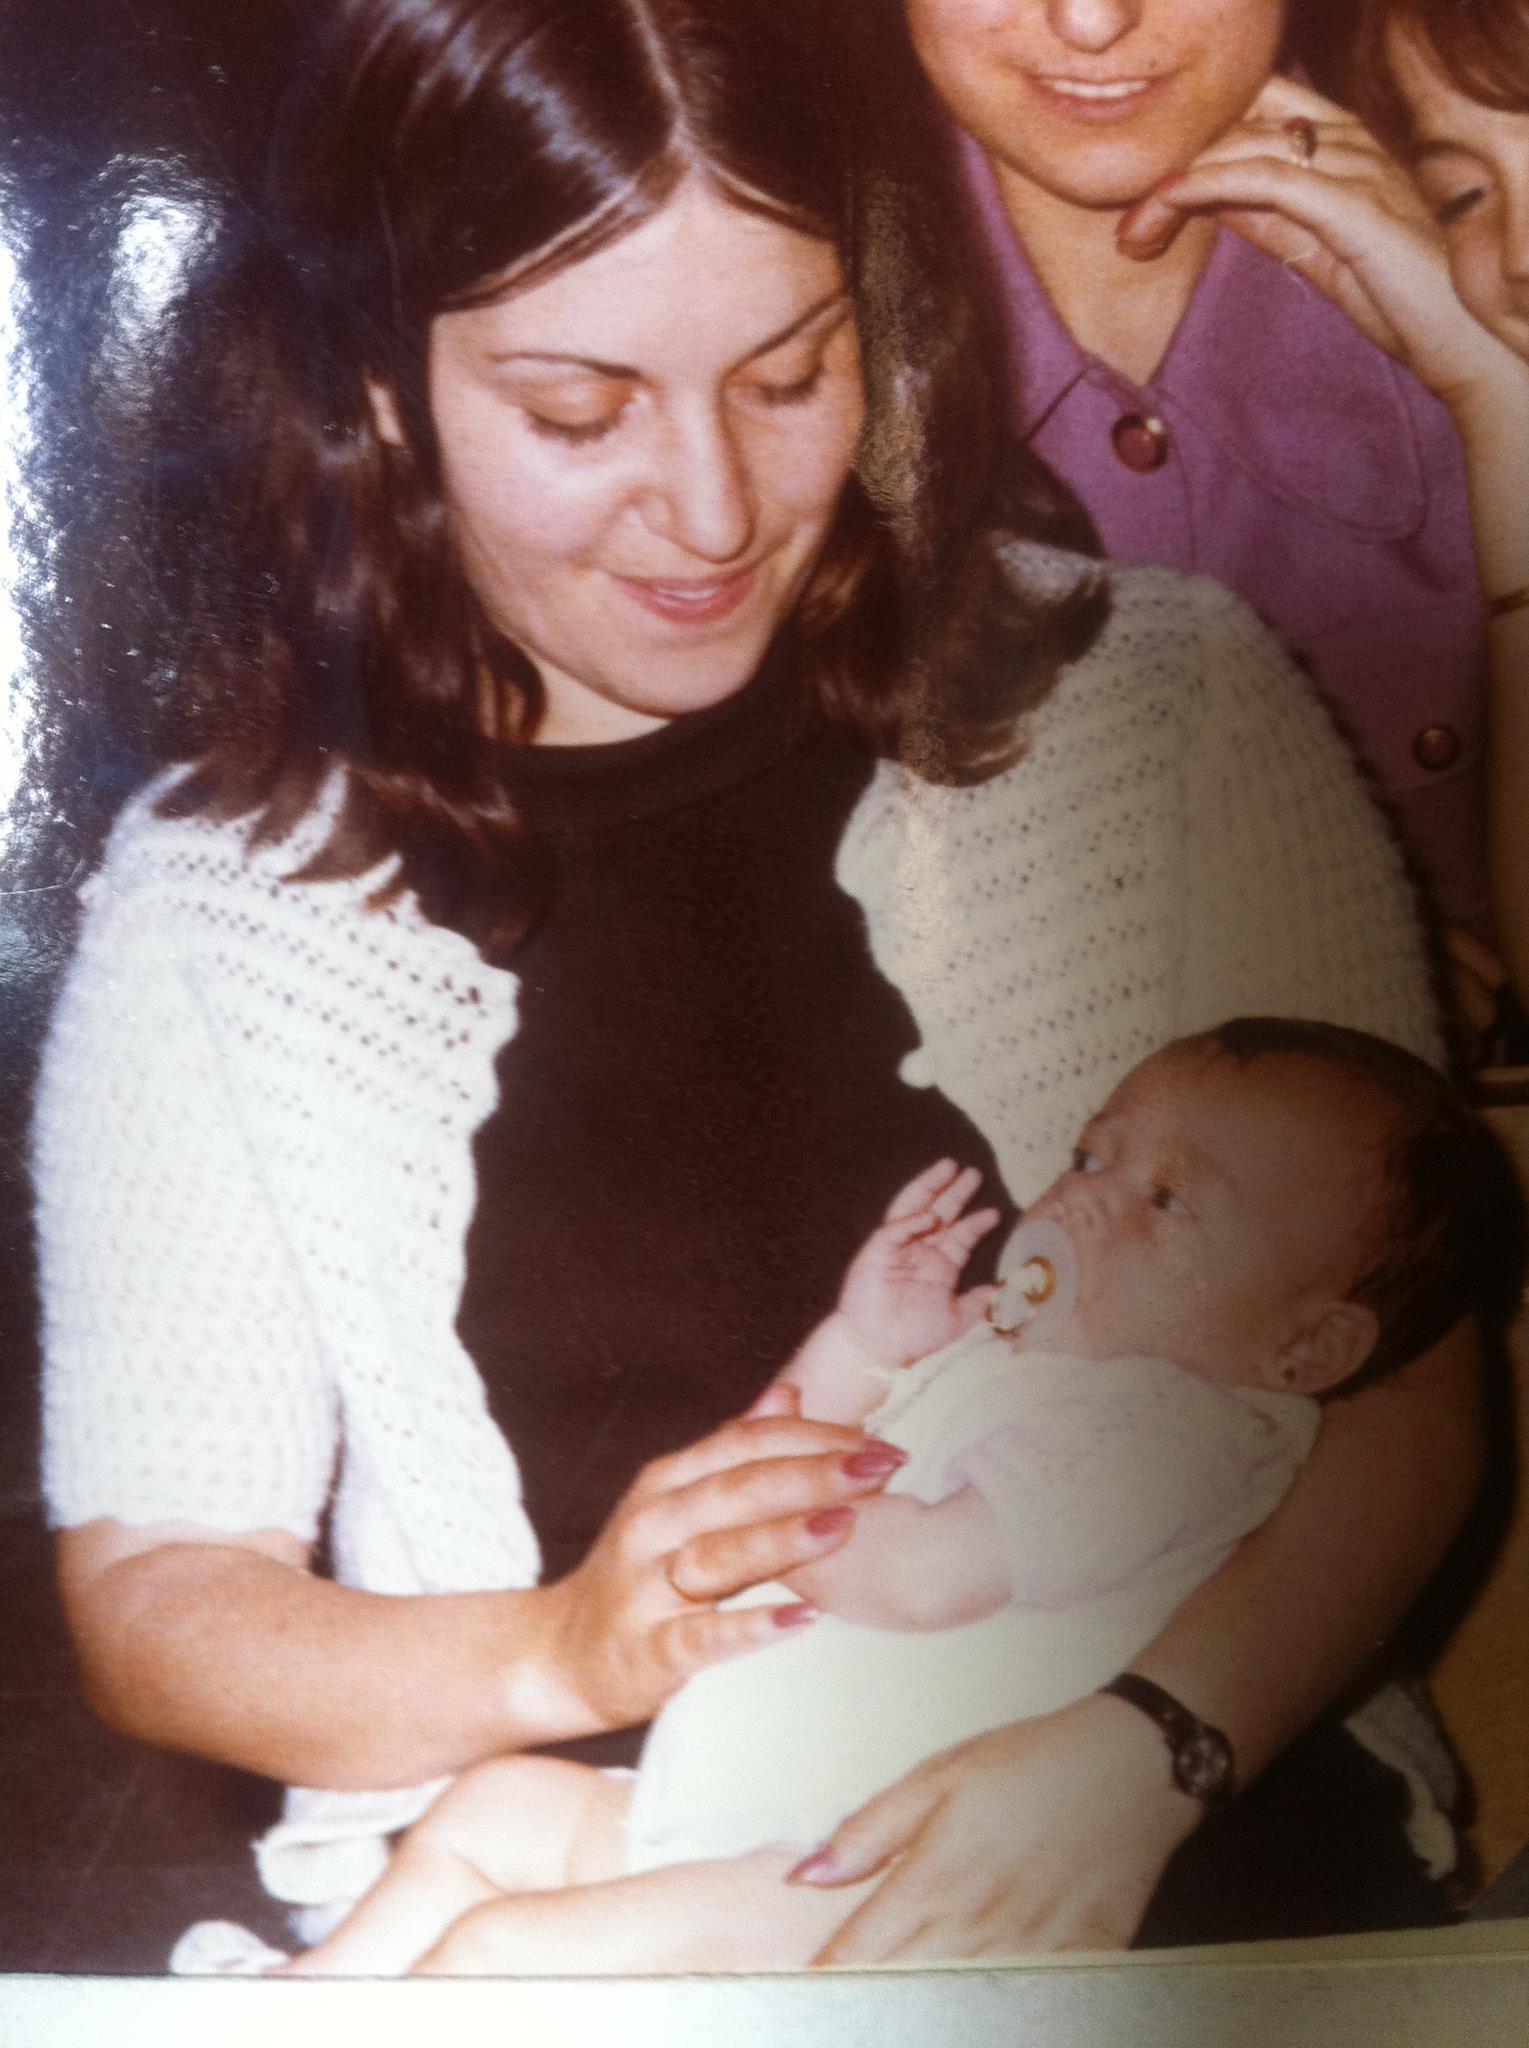 Mi madre y yo (©Nohemí Hervada)